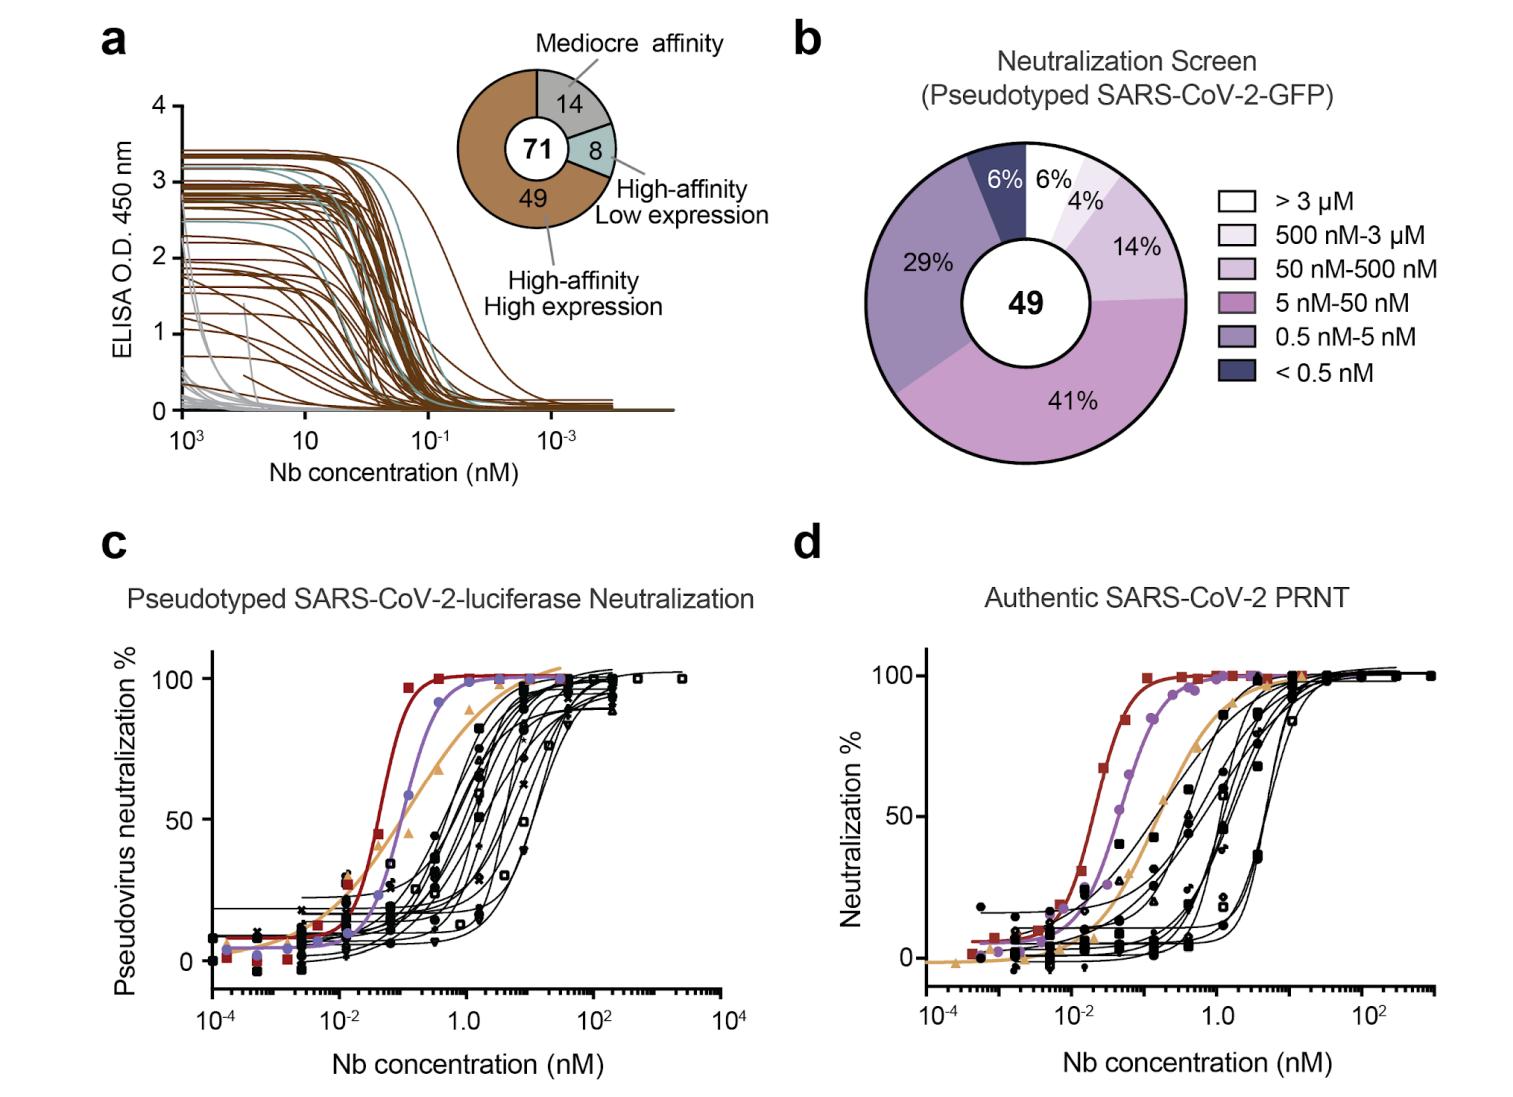 SARS-CoV-2 neut nanobodies